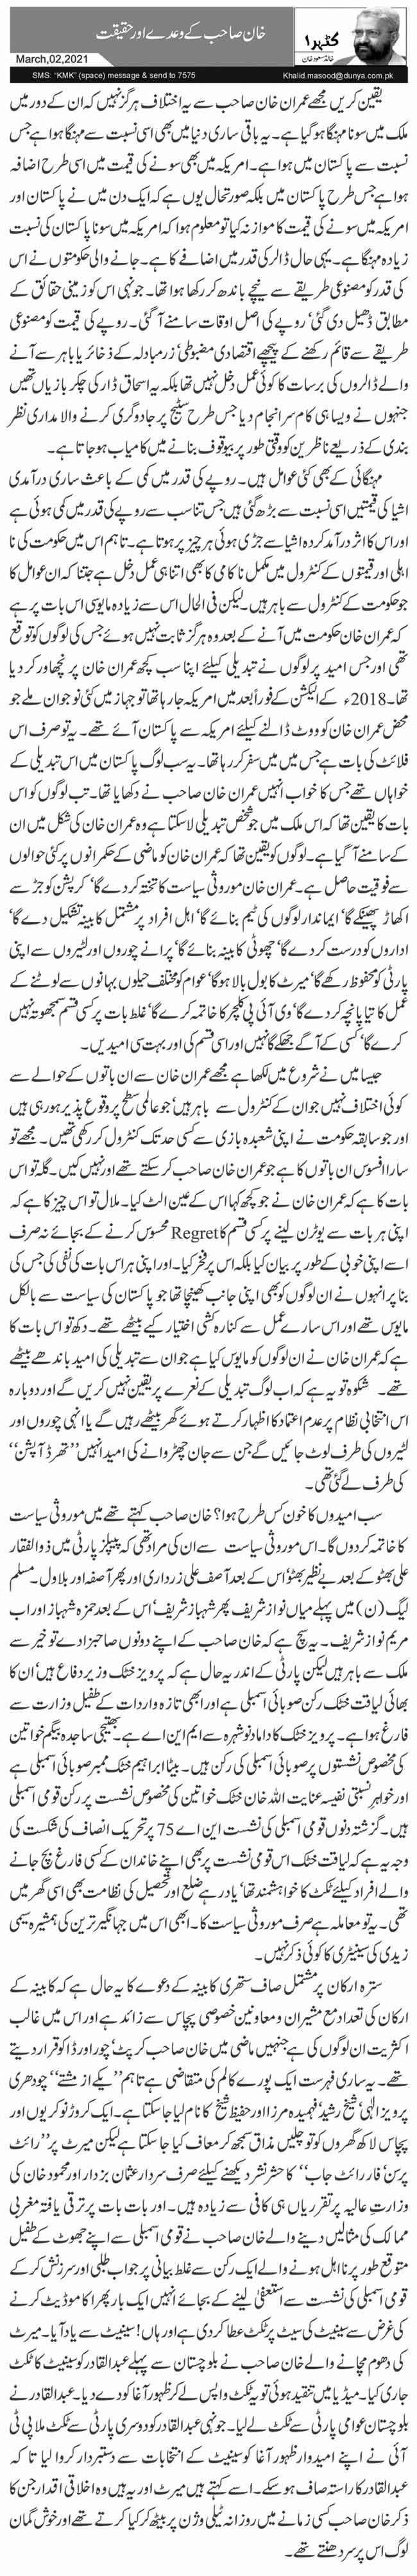 خان صاحب کے وعدے اور حقیقت